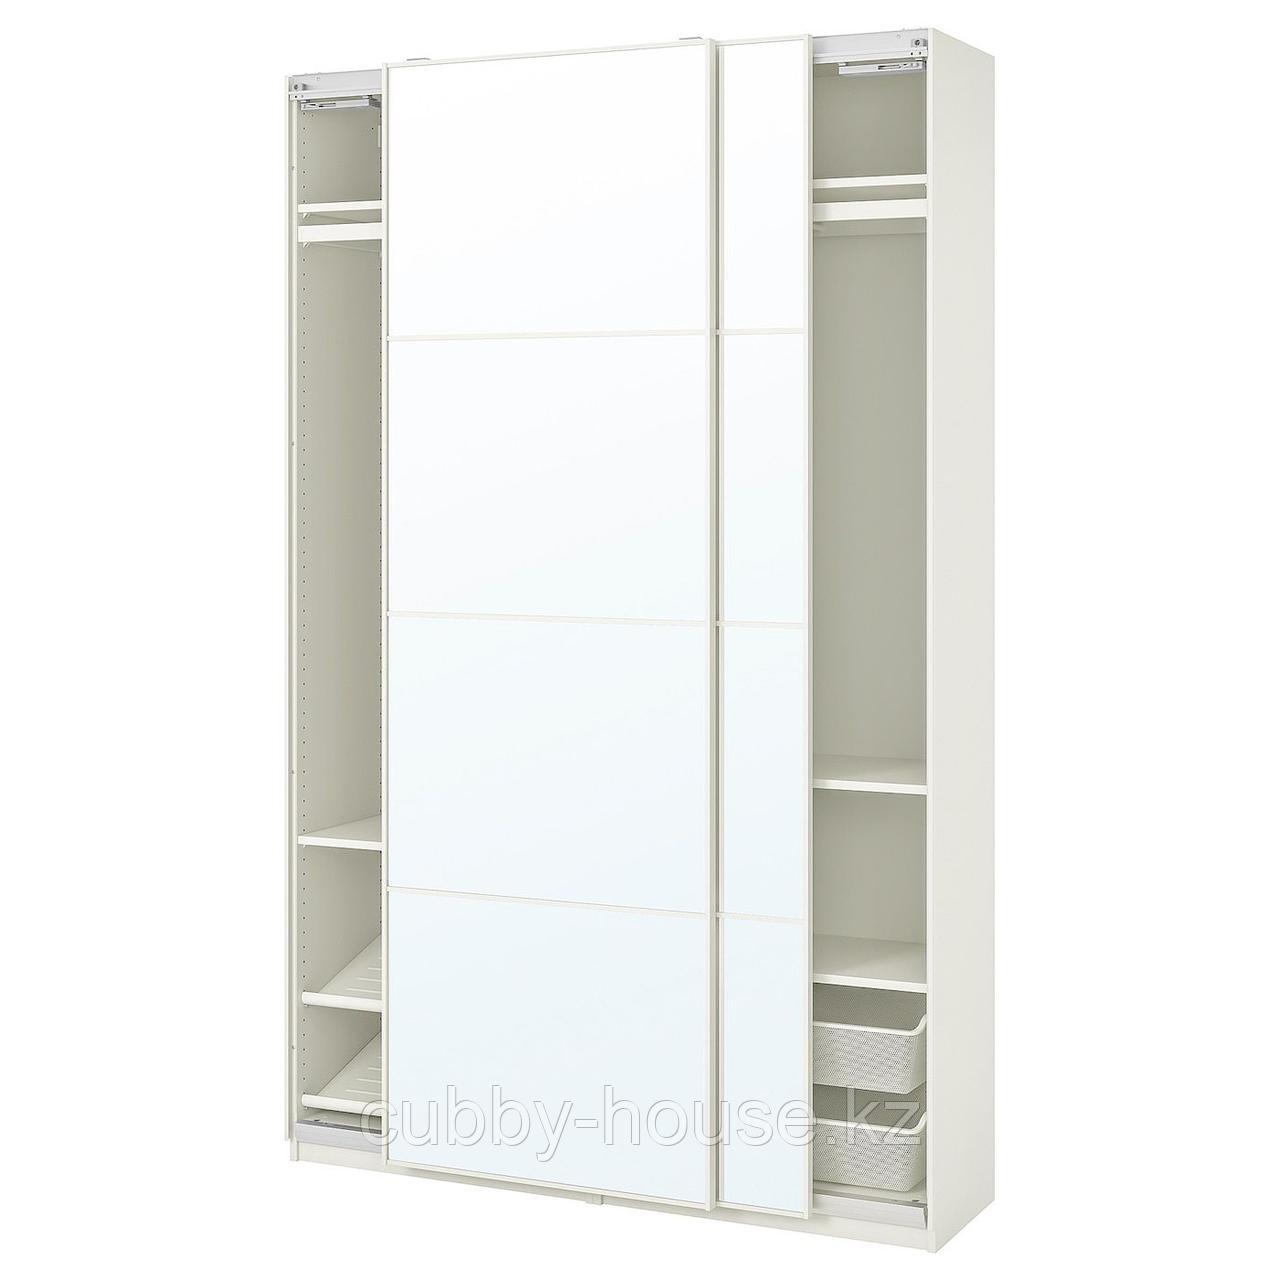 ПАКС / АУЛИ Гардероб, комбинация, белый, зеркальное стекло, 150x44x236 см